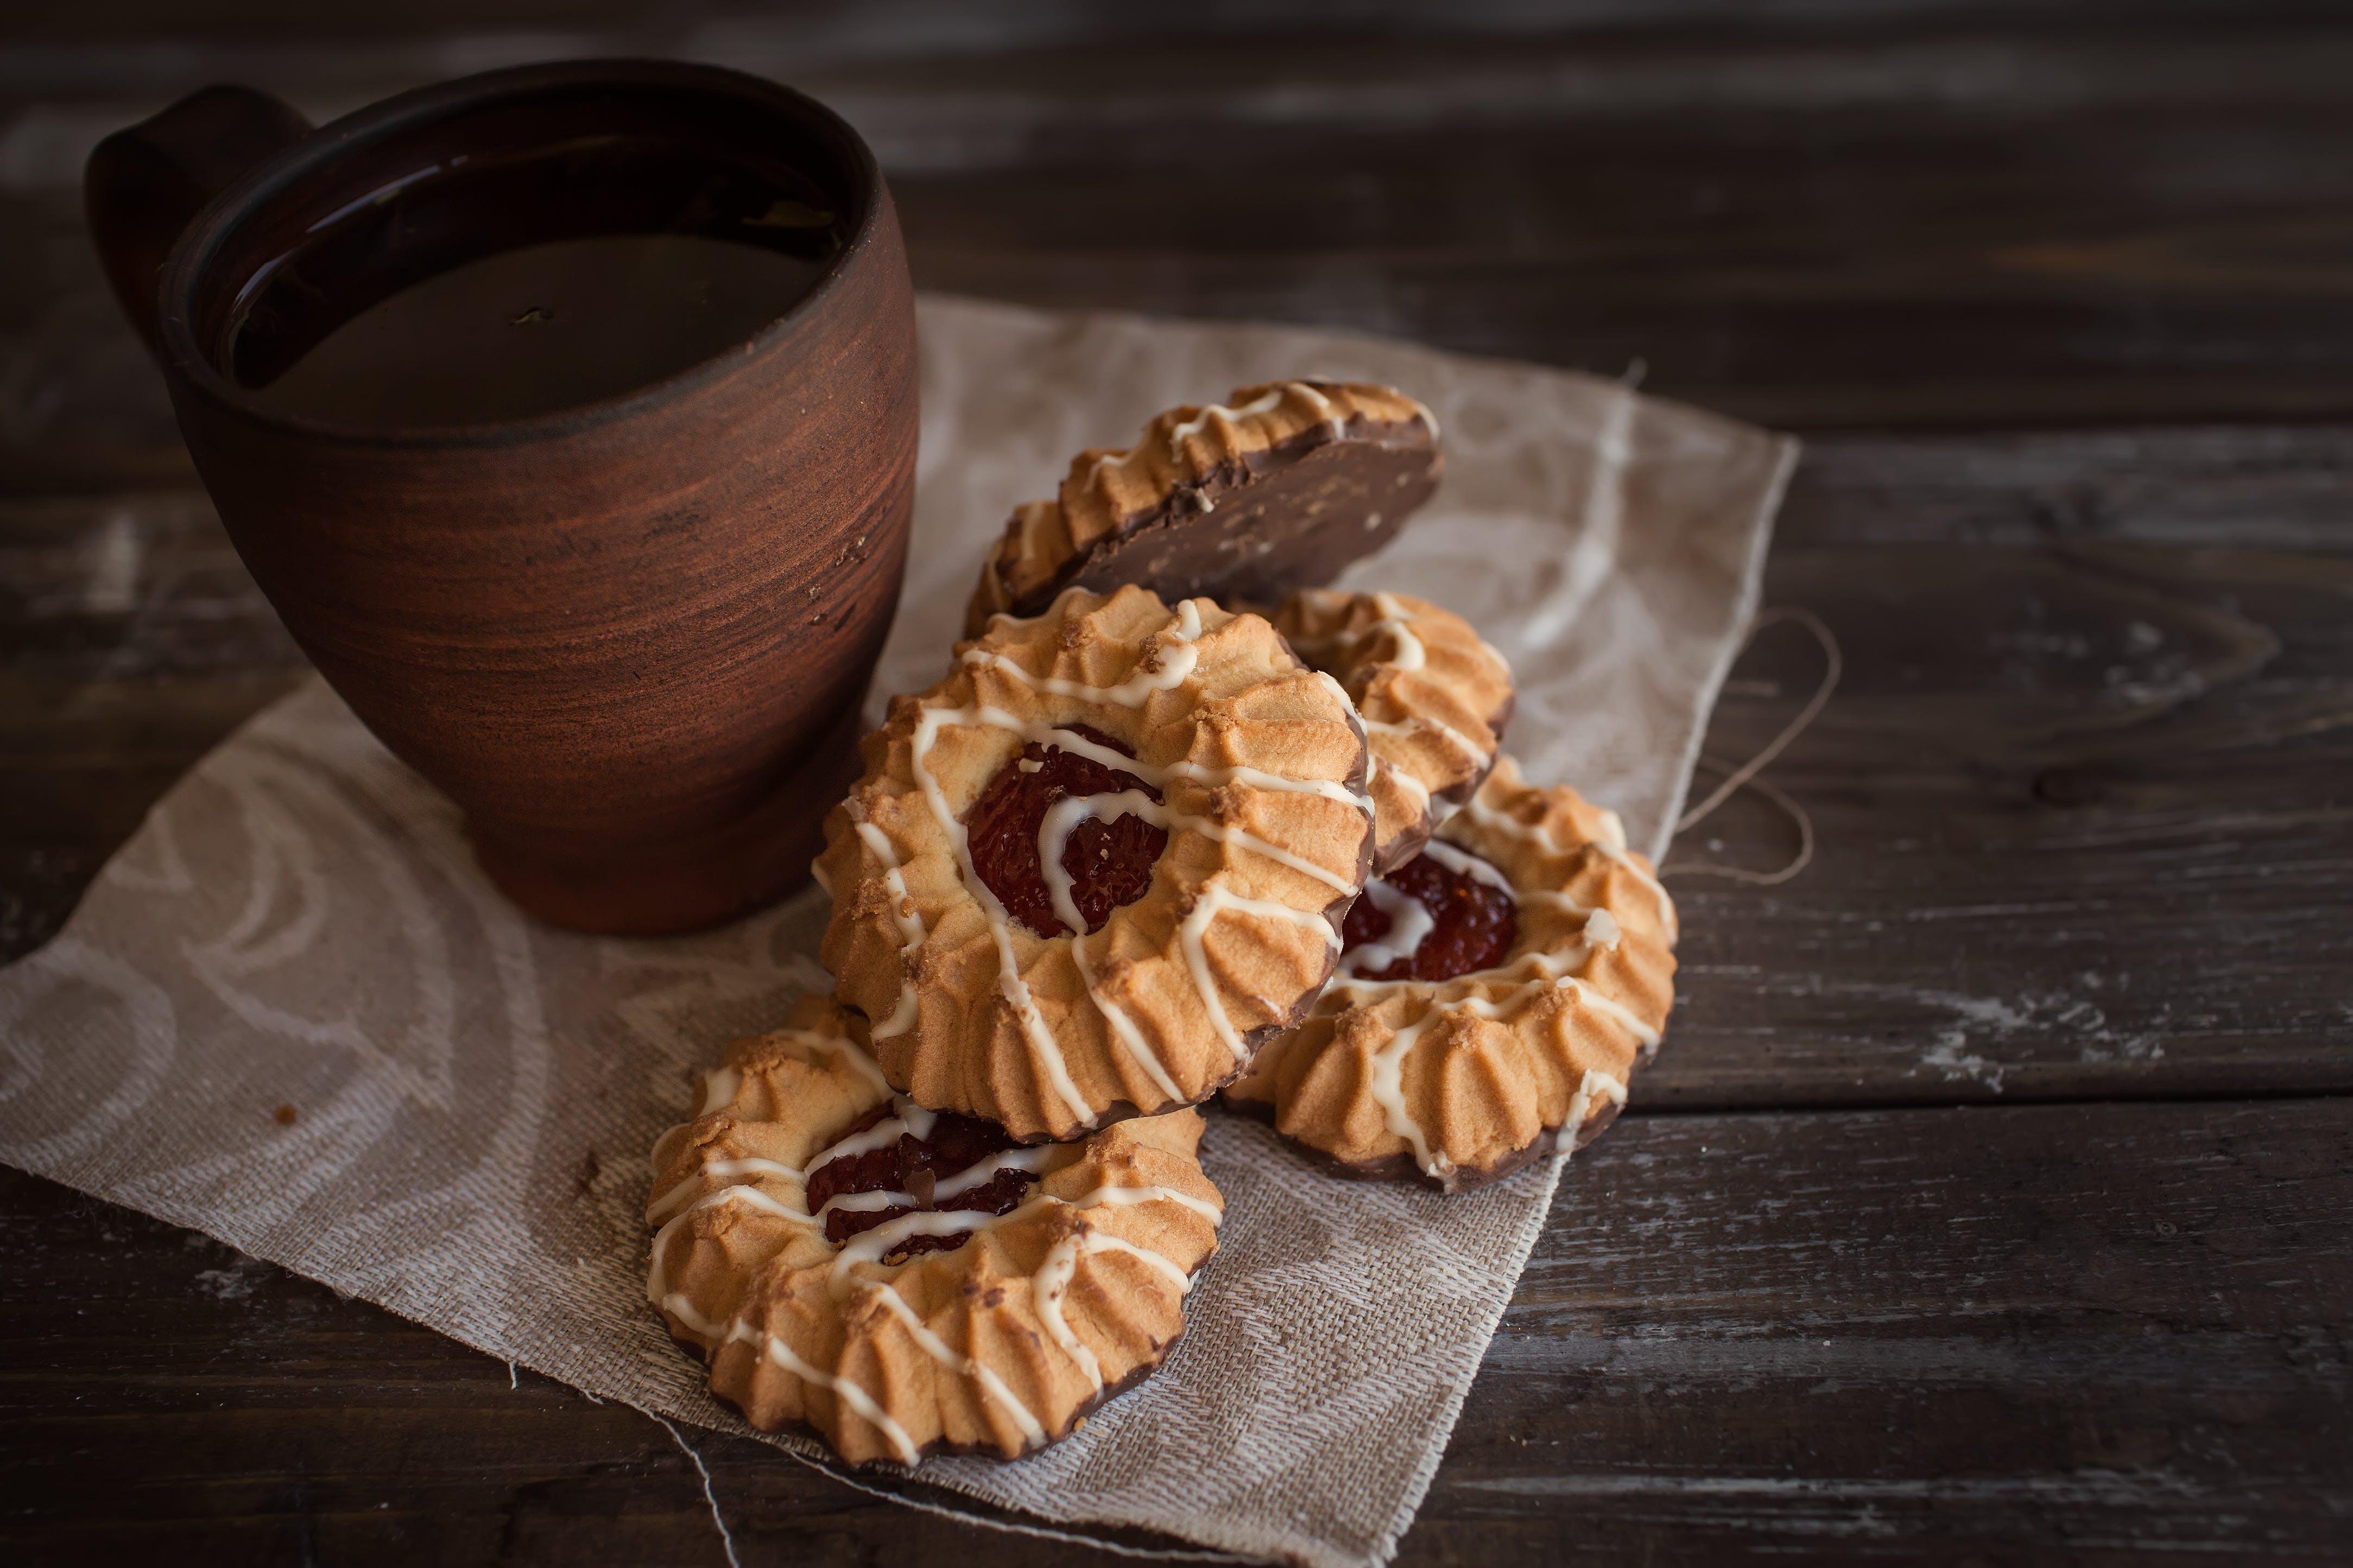 Brown Mug Beside Cookies